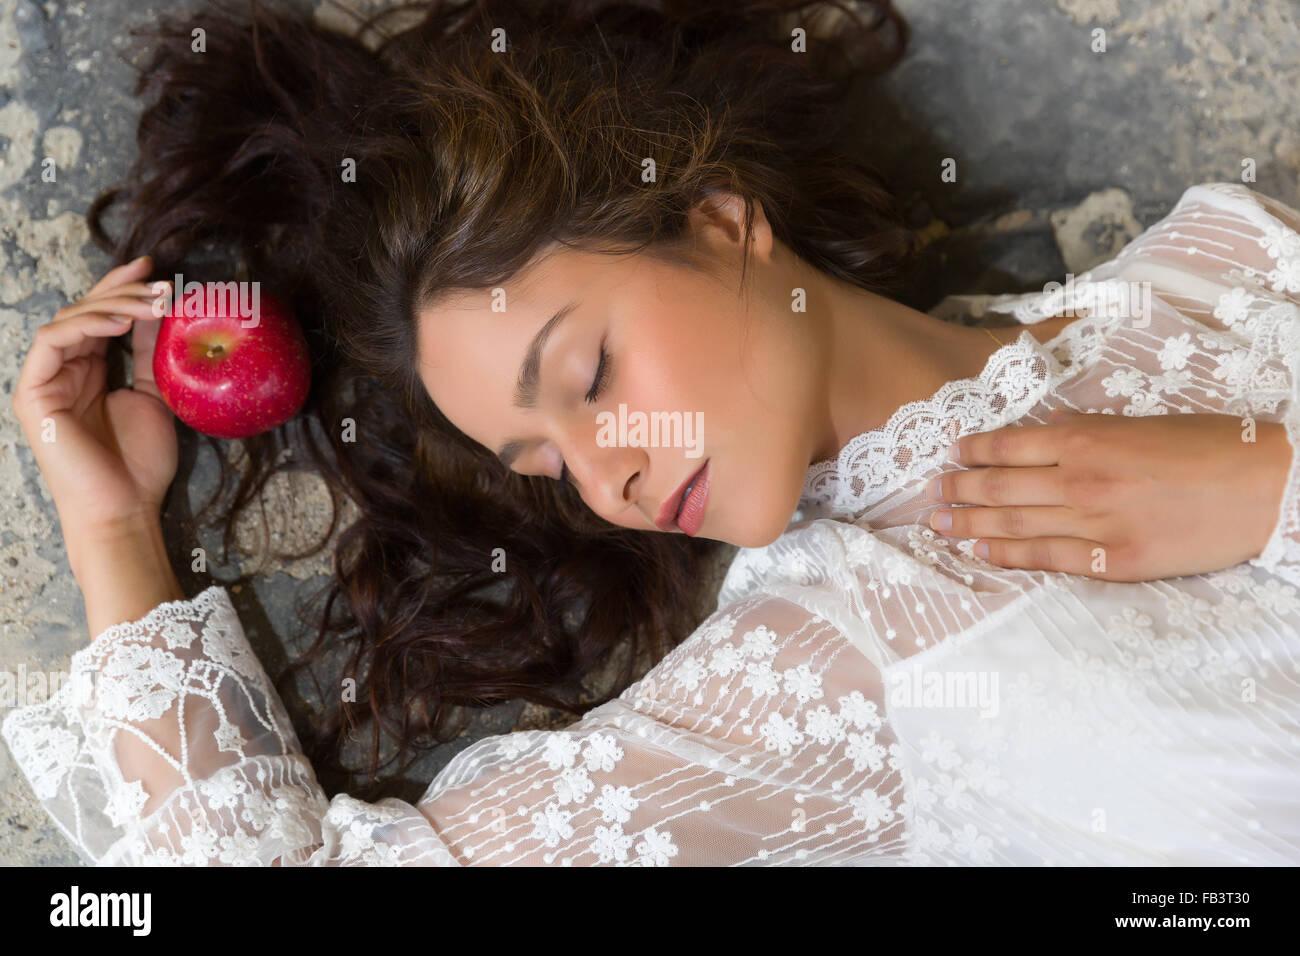 Jeune Sur Allongée Superbe Le Femme Sol Robe Blanche De En Dentelle qcAj354RL